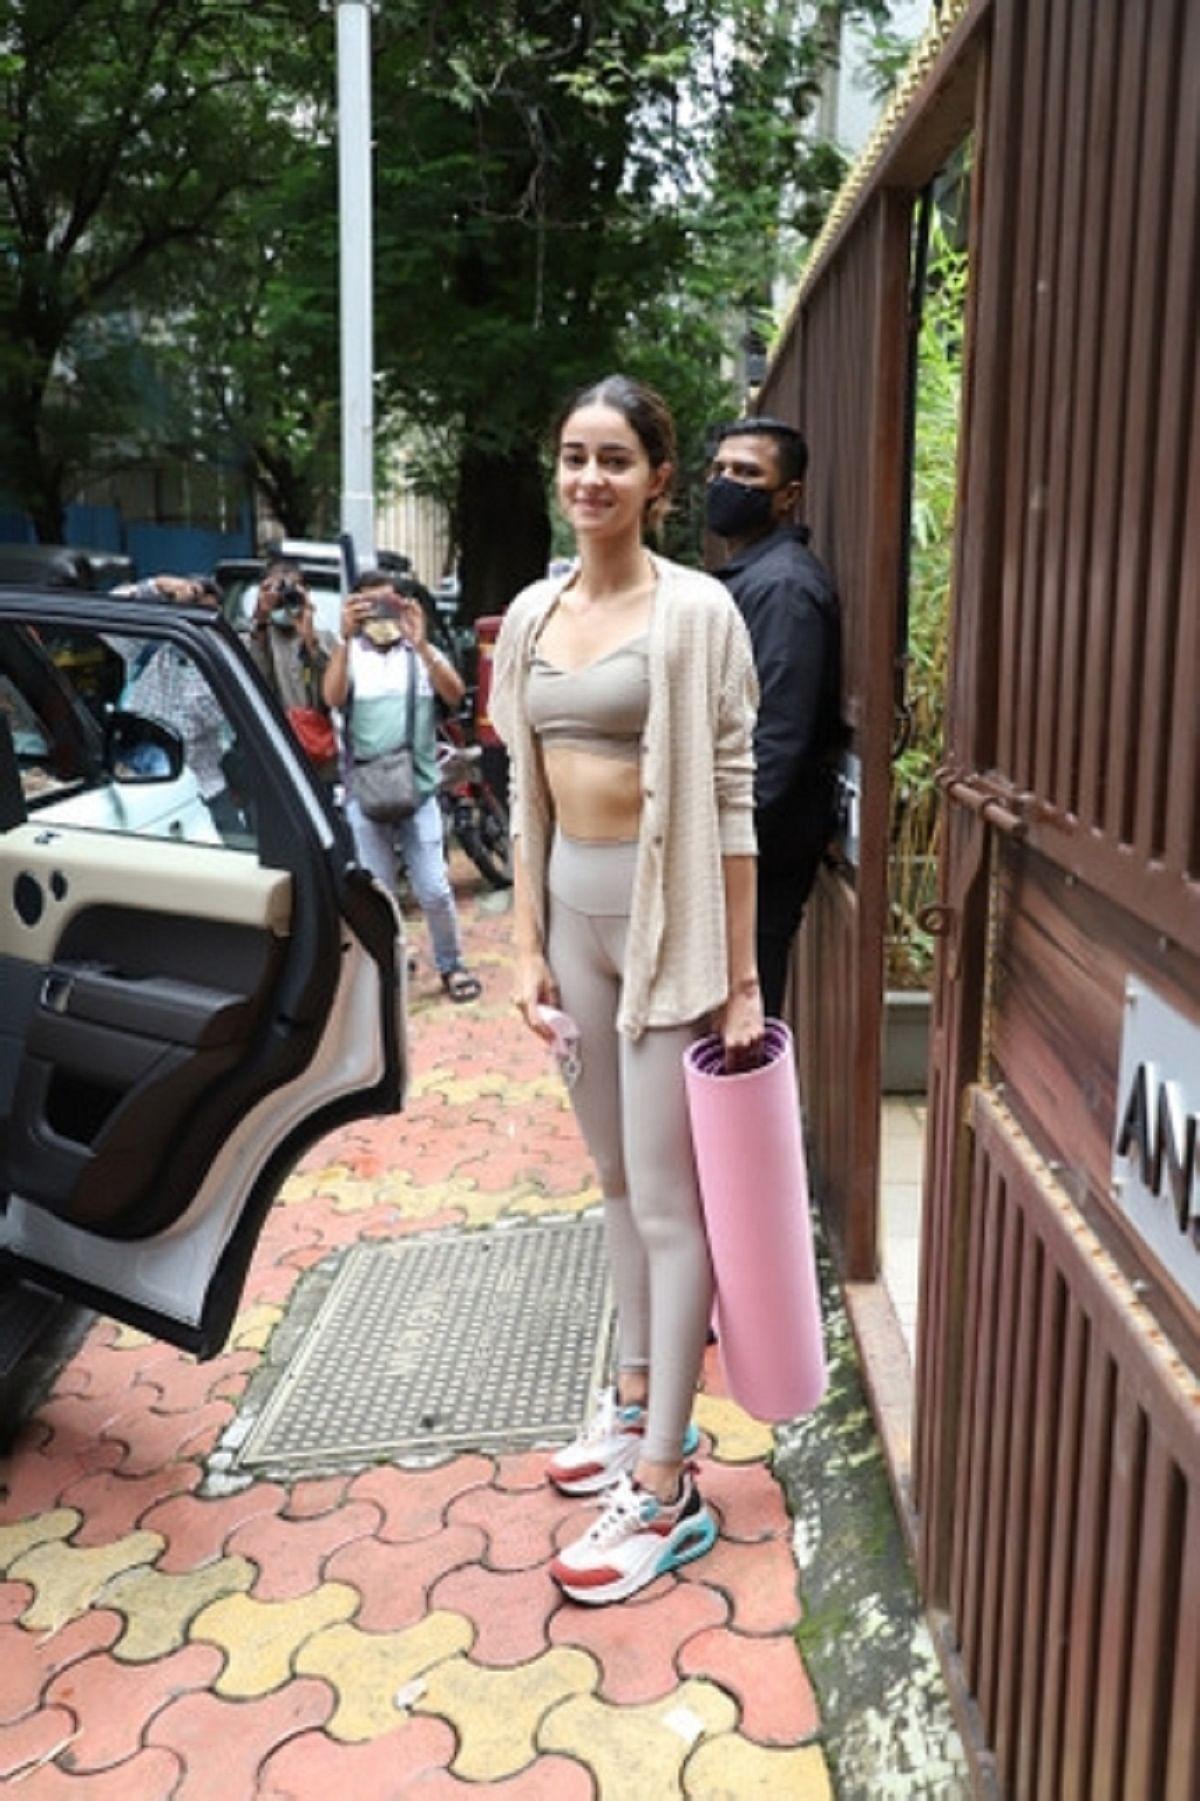 NCB 'visits' SRK, Ananya Panday's homes; conducts raids in Andheri